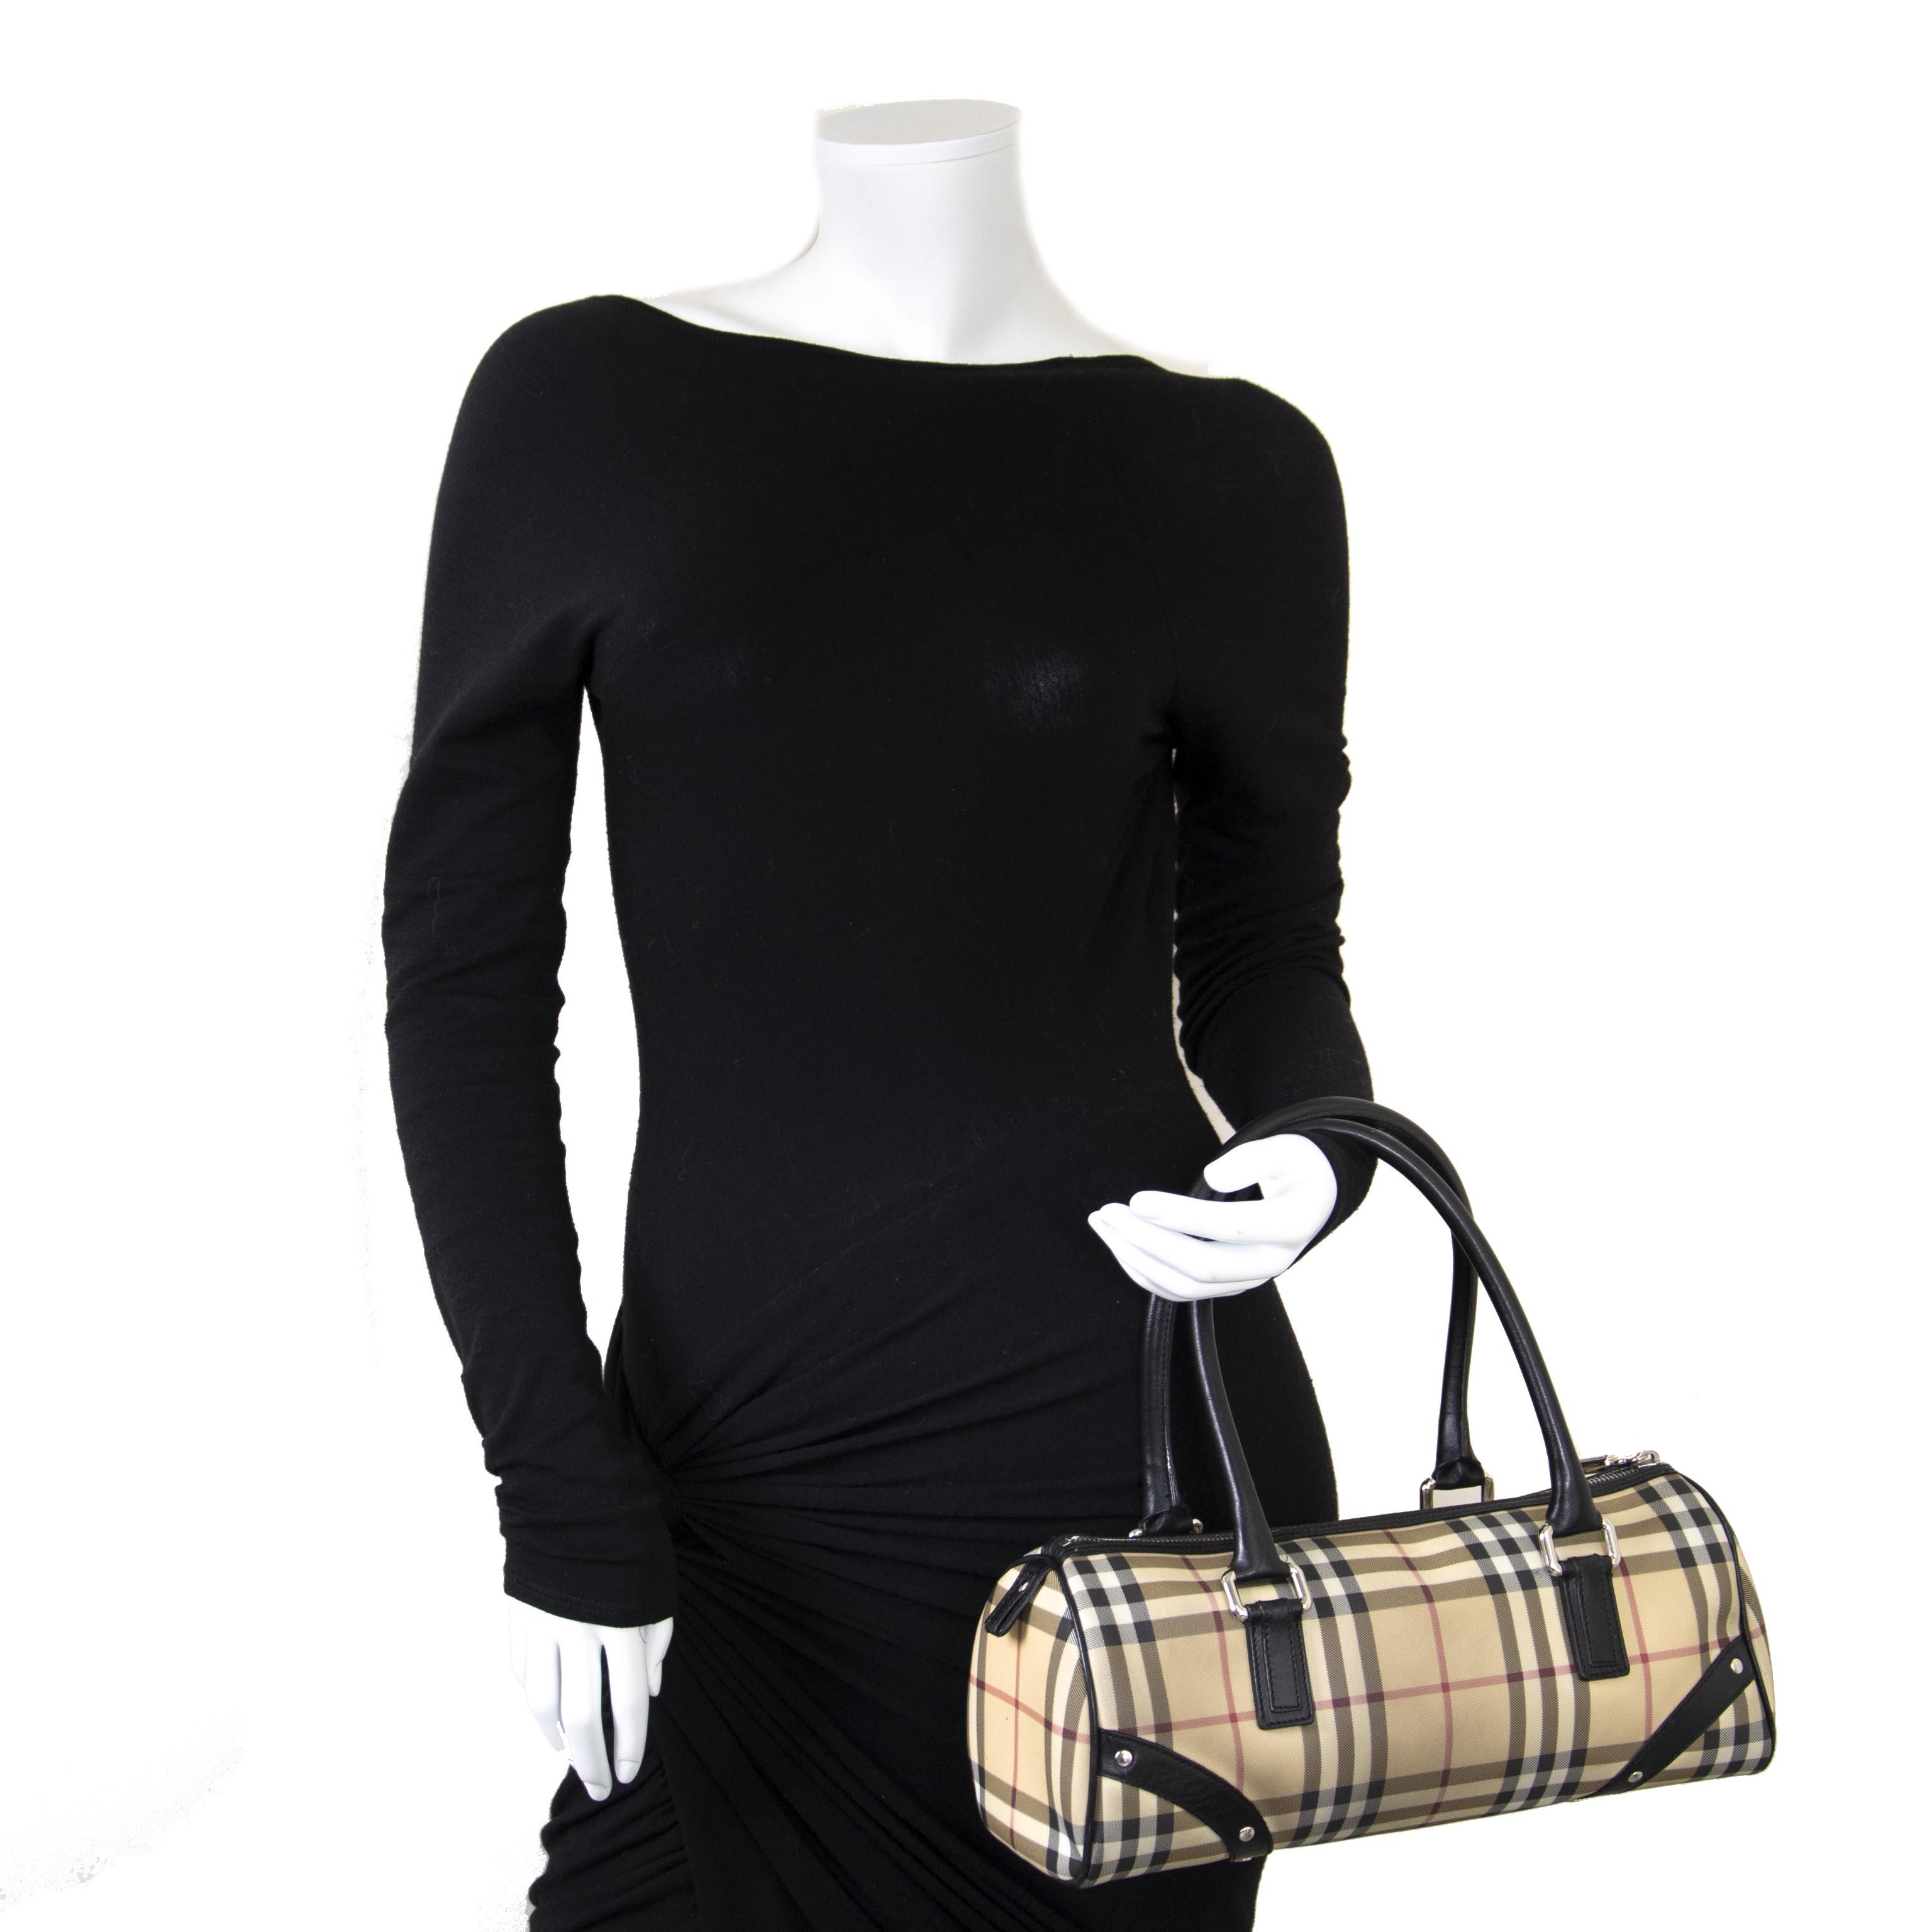 Koop en verkoop uw authentieke Burberry Check Cylinder Bag aan de beste prijs